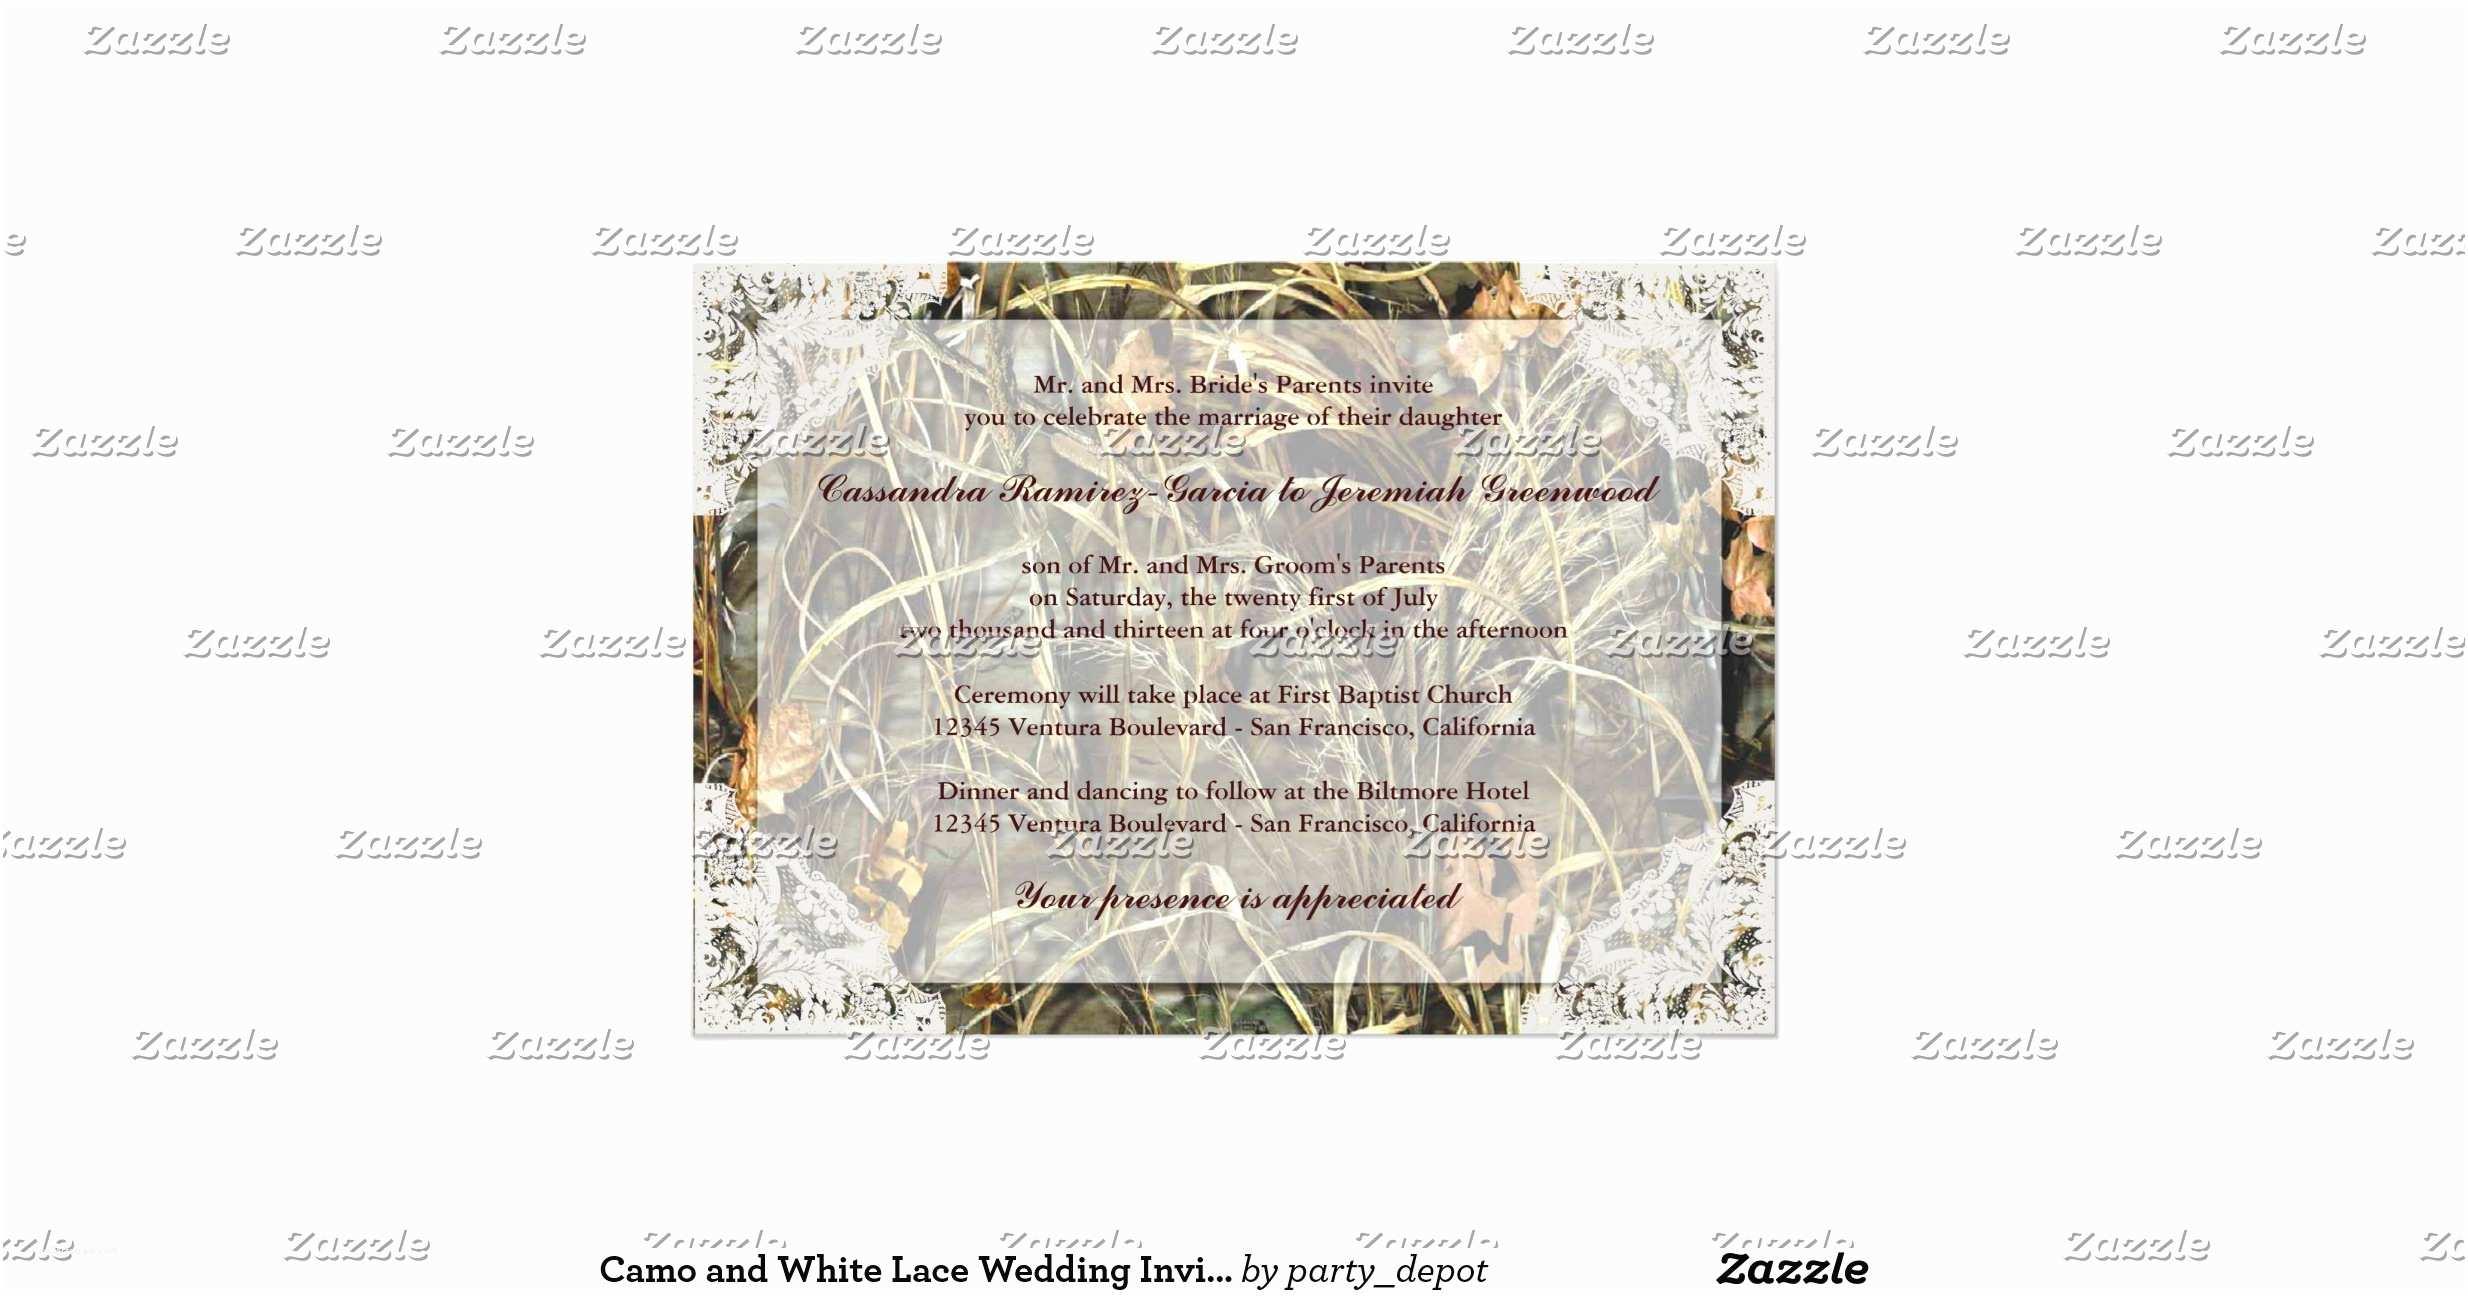 White Camo Wedding Invitations Camo and White Lace Wedding Invitation